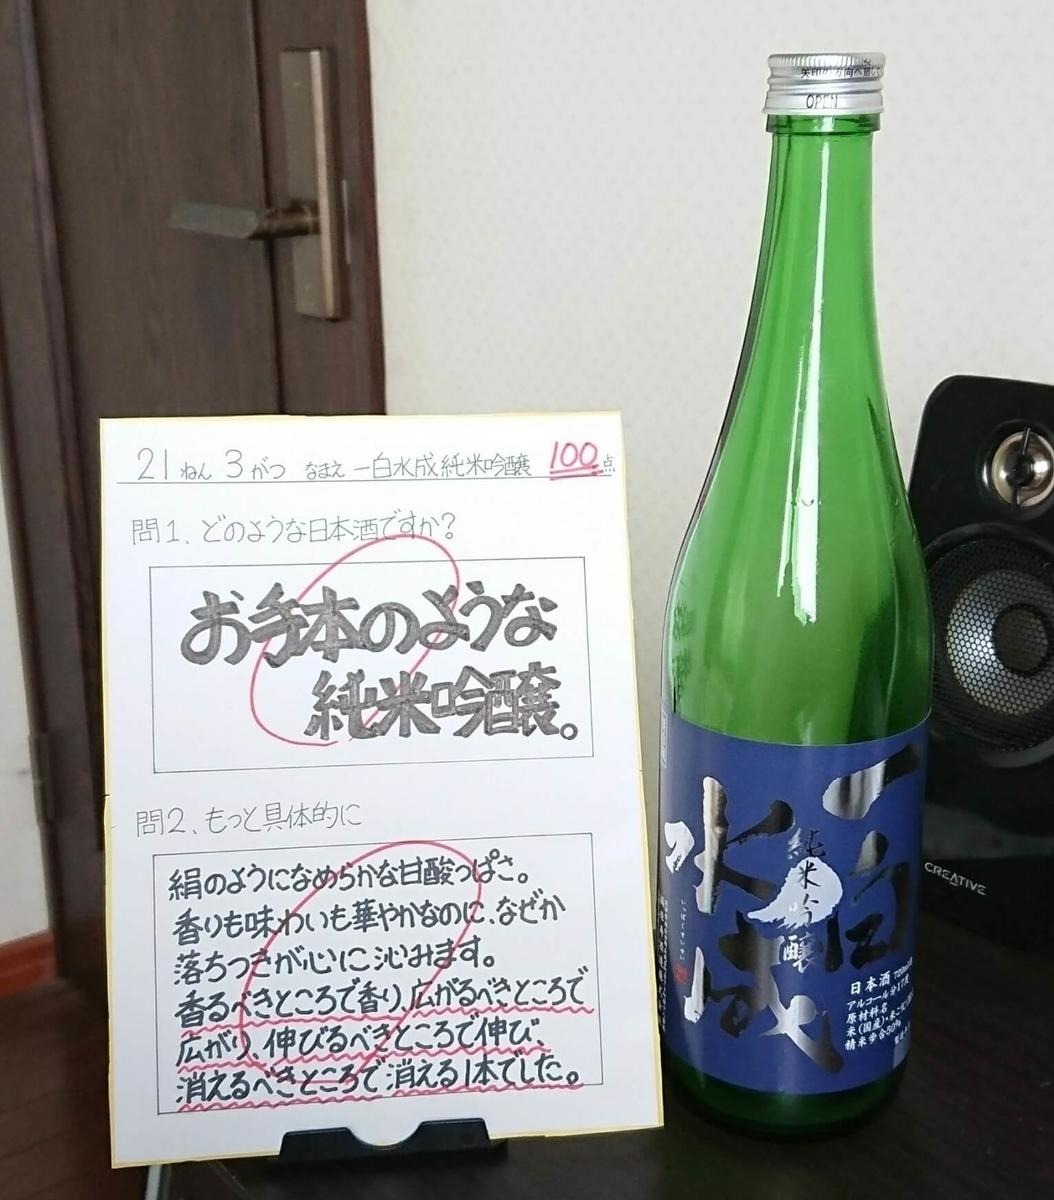 福禄寿酒造『一白水成 純米吟醸』